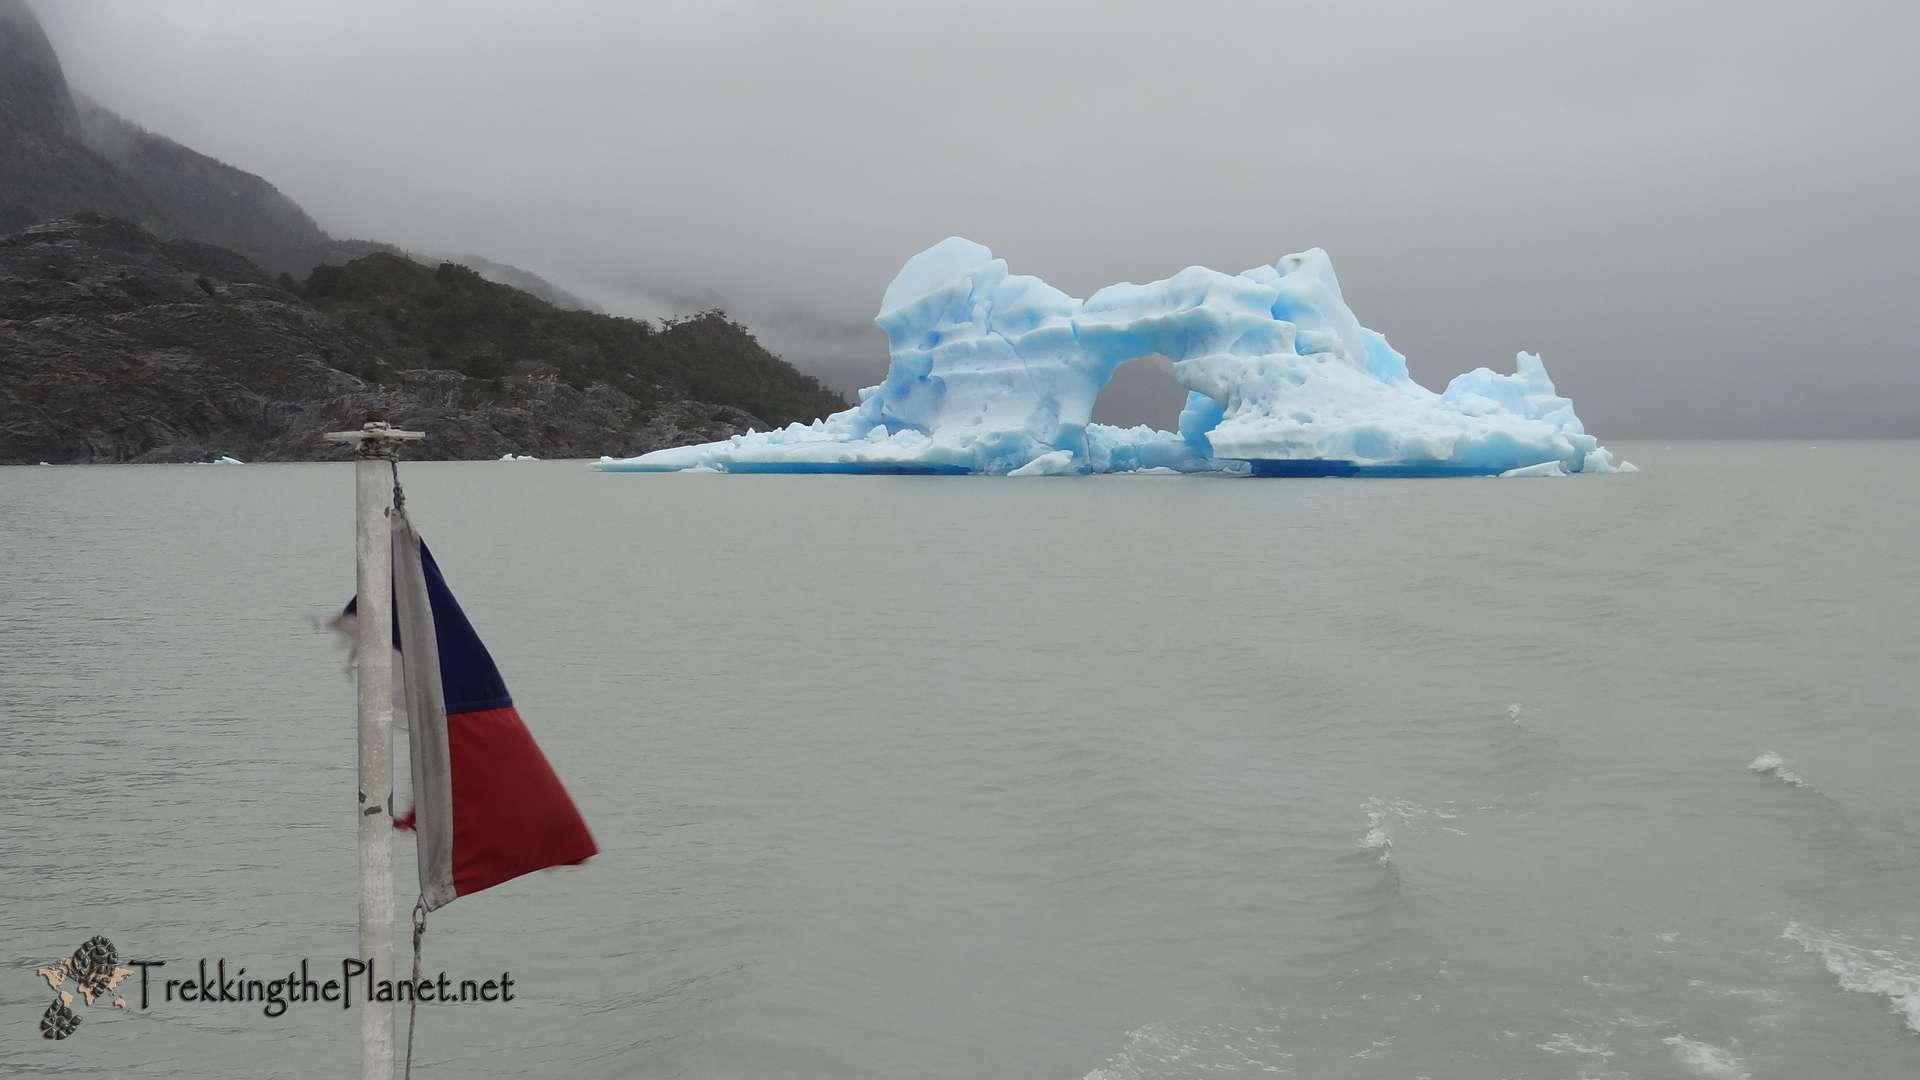 Iceberg near Glacier Grey in Torres del Paine National Park